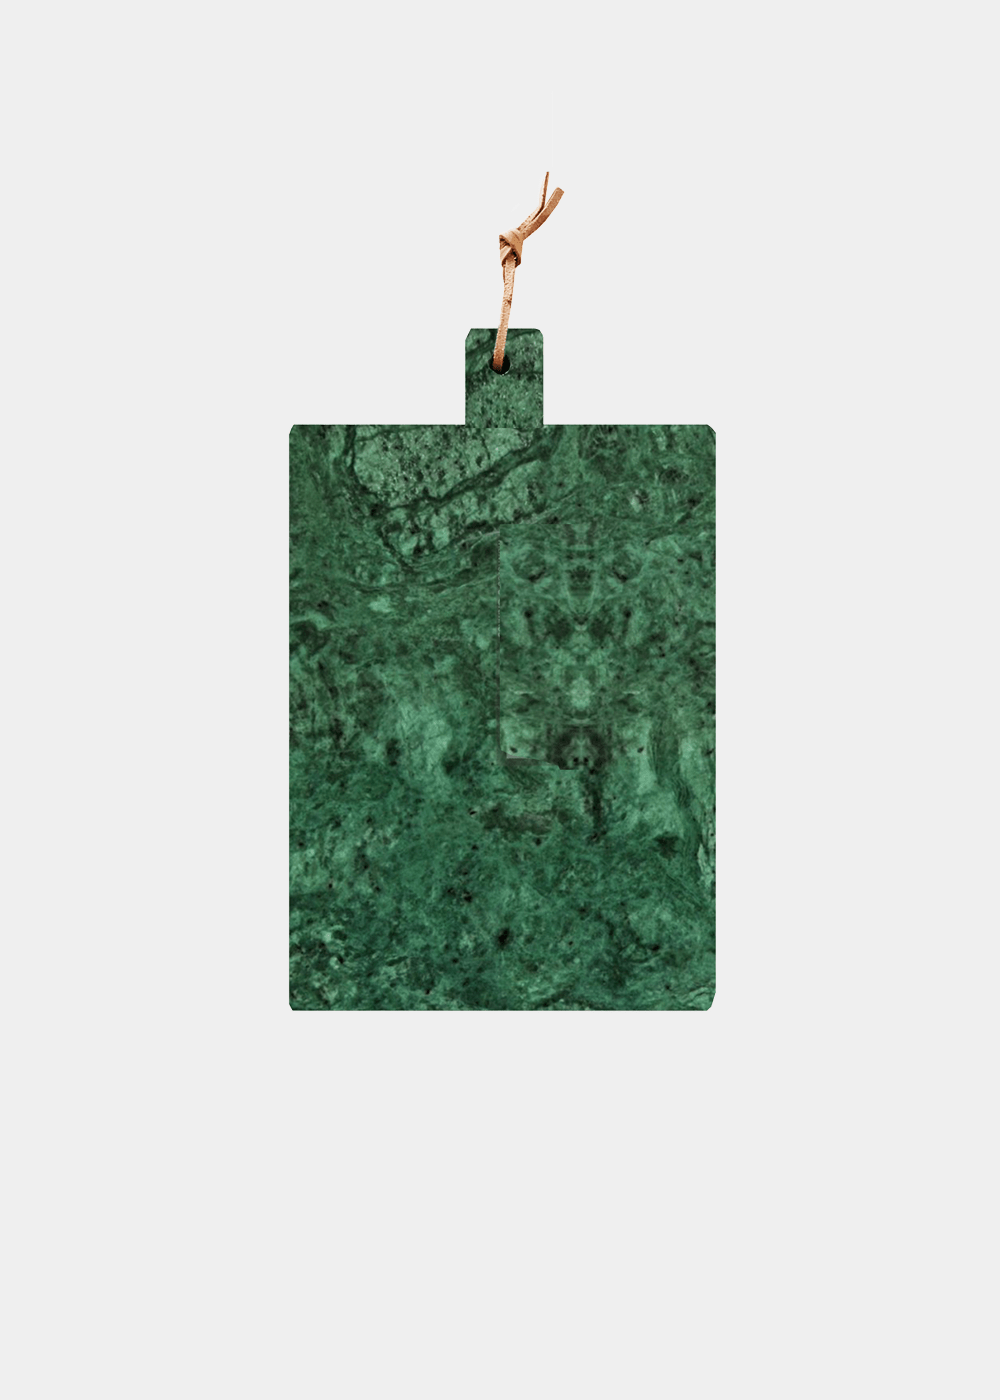 Tabua-de-marmore-verde-quadrada-pequena